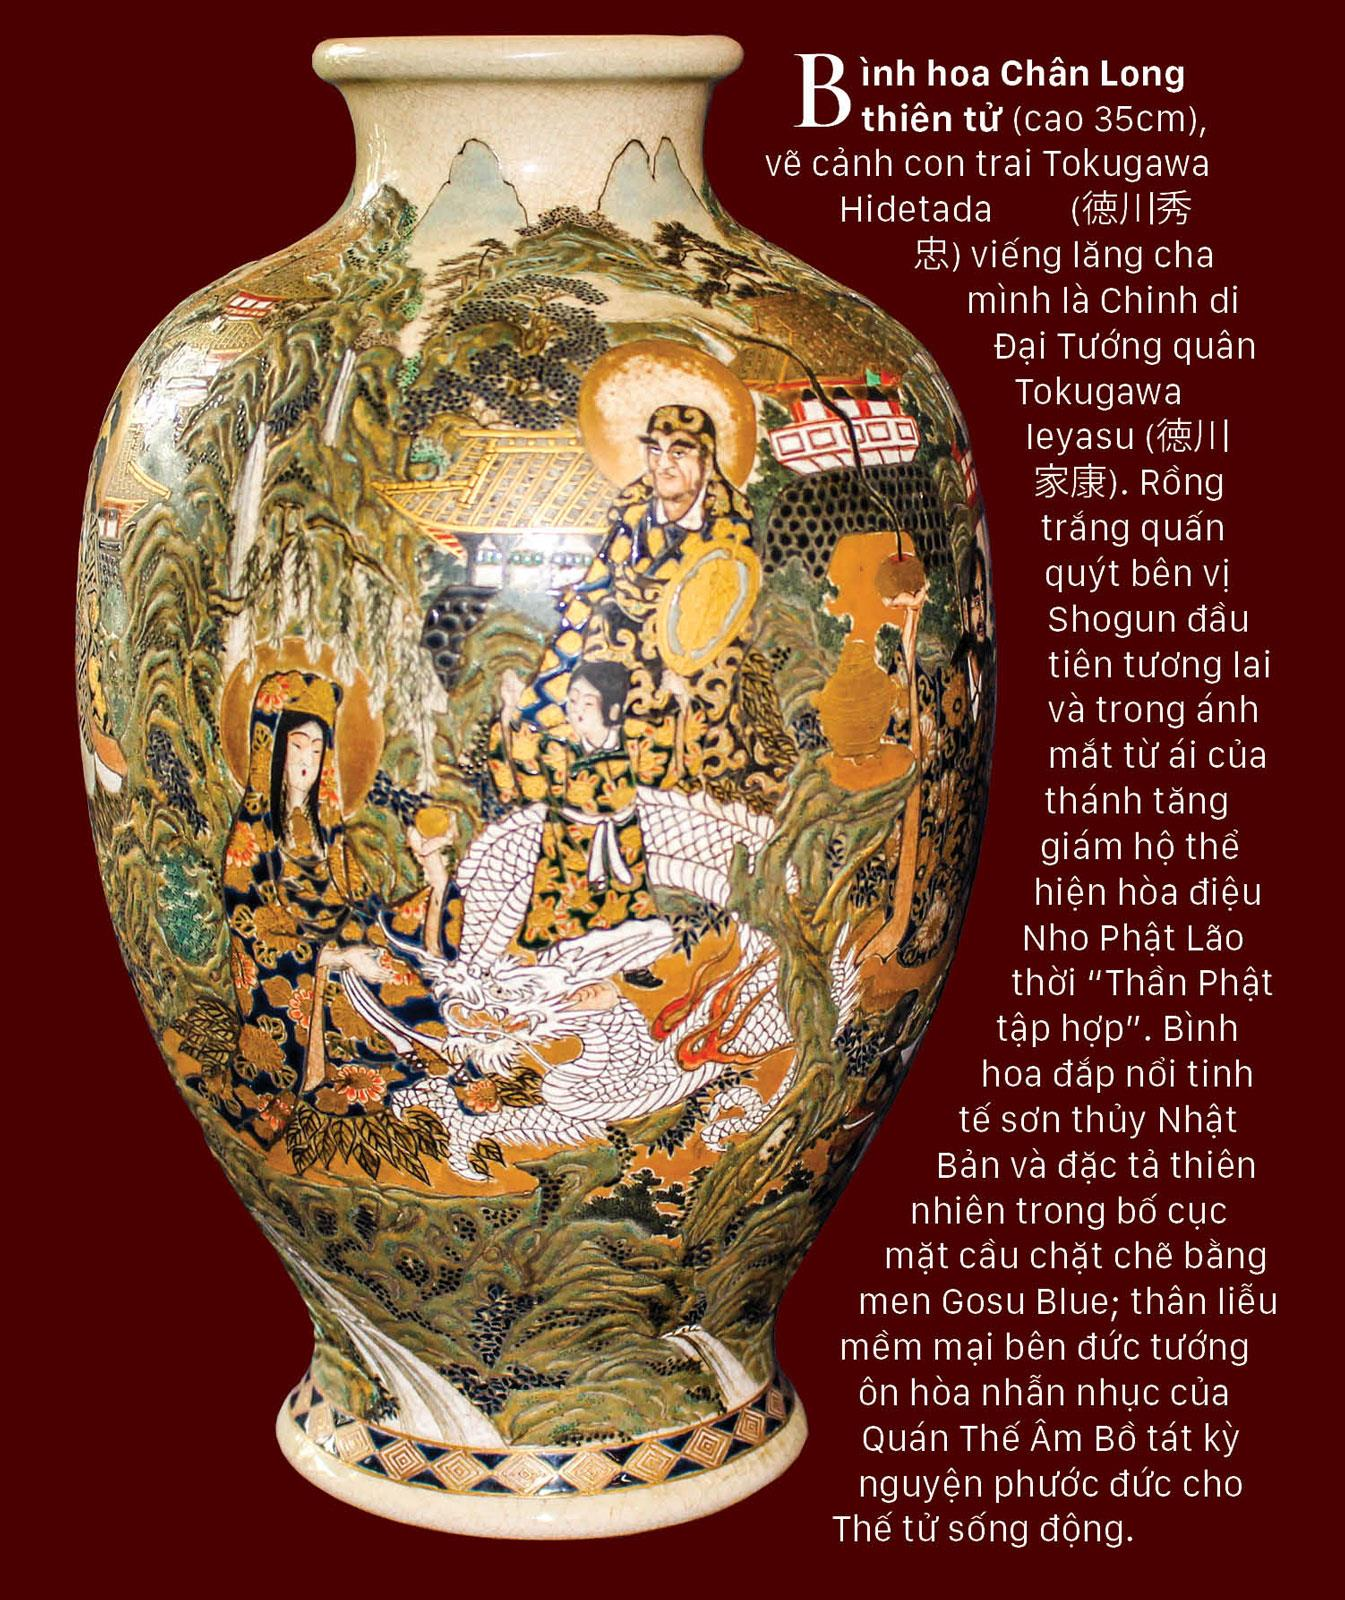 Rồng - Phượng trên bảo vật gốm cổ ảnh 4